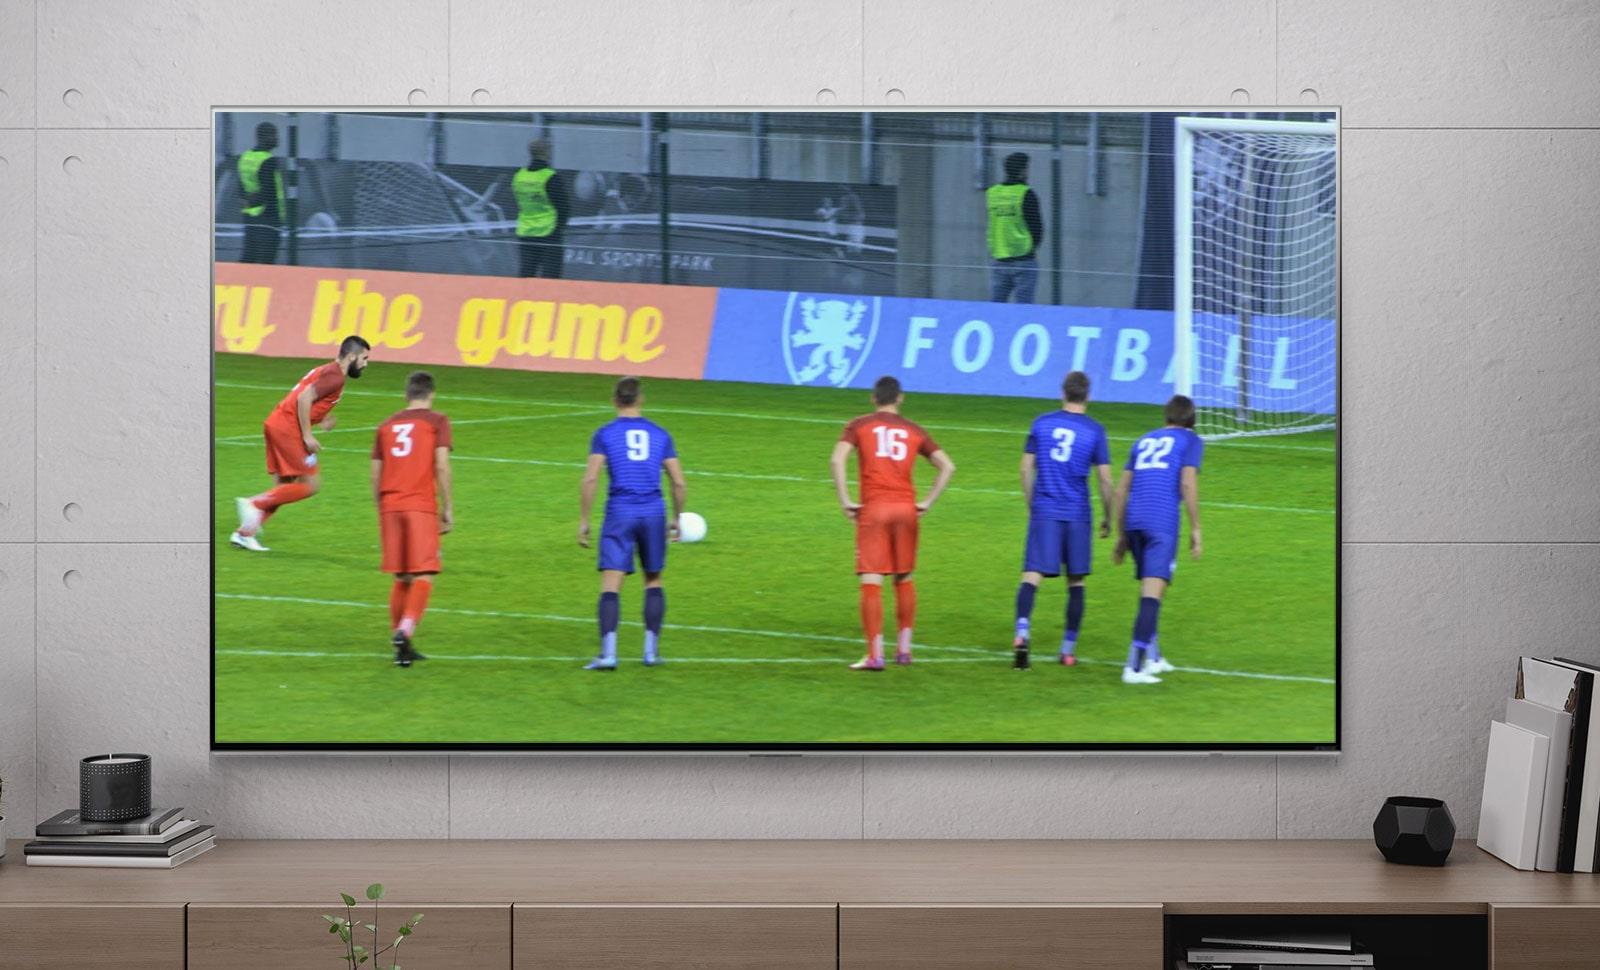 Màn hình TV hiển thị một cầu thủ bóng đá ghi bàn từ chấm phạt đền (phát video).